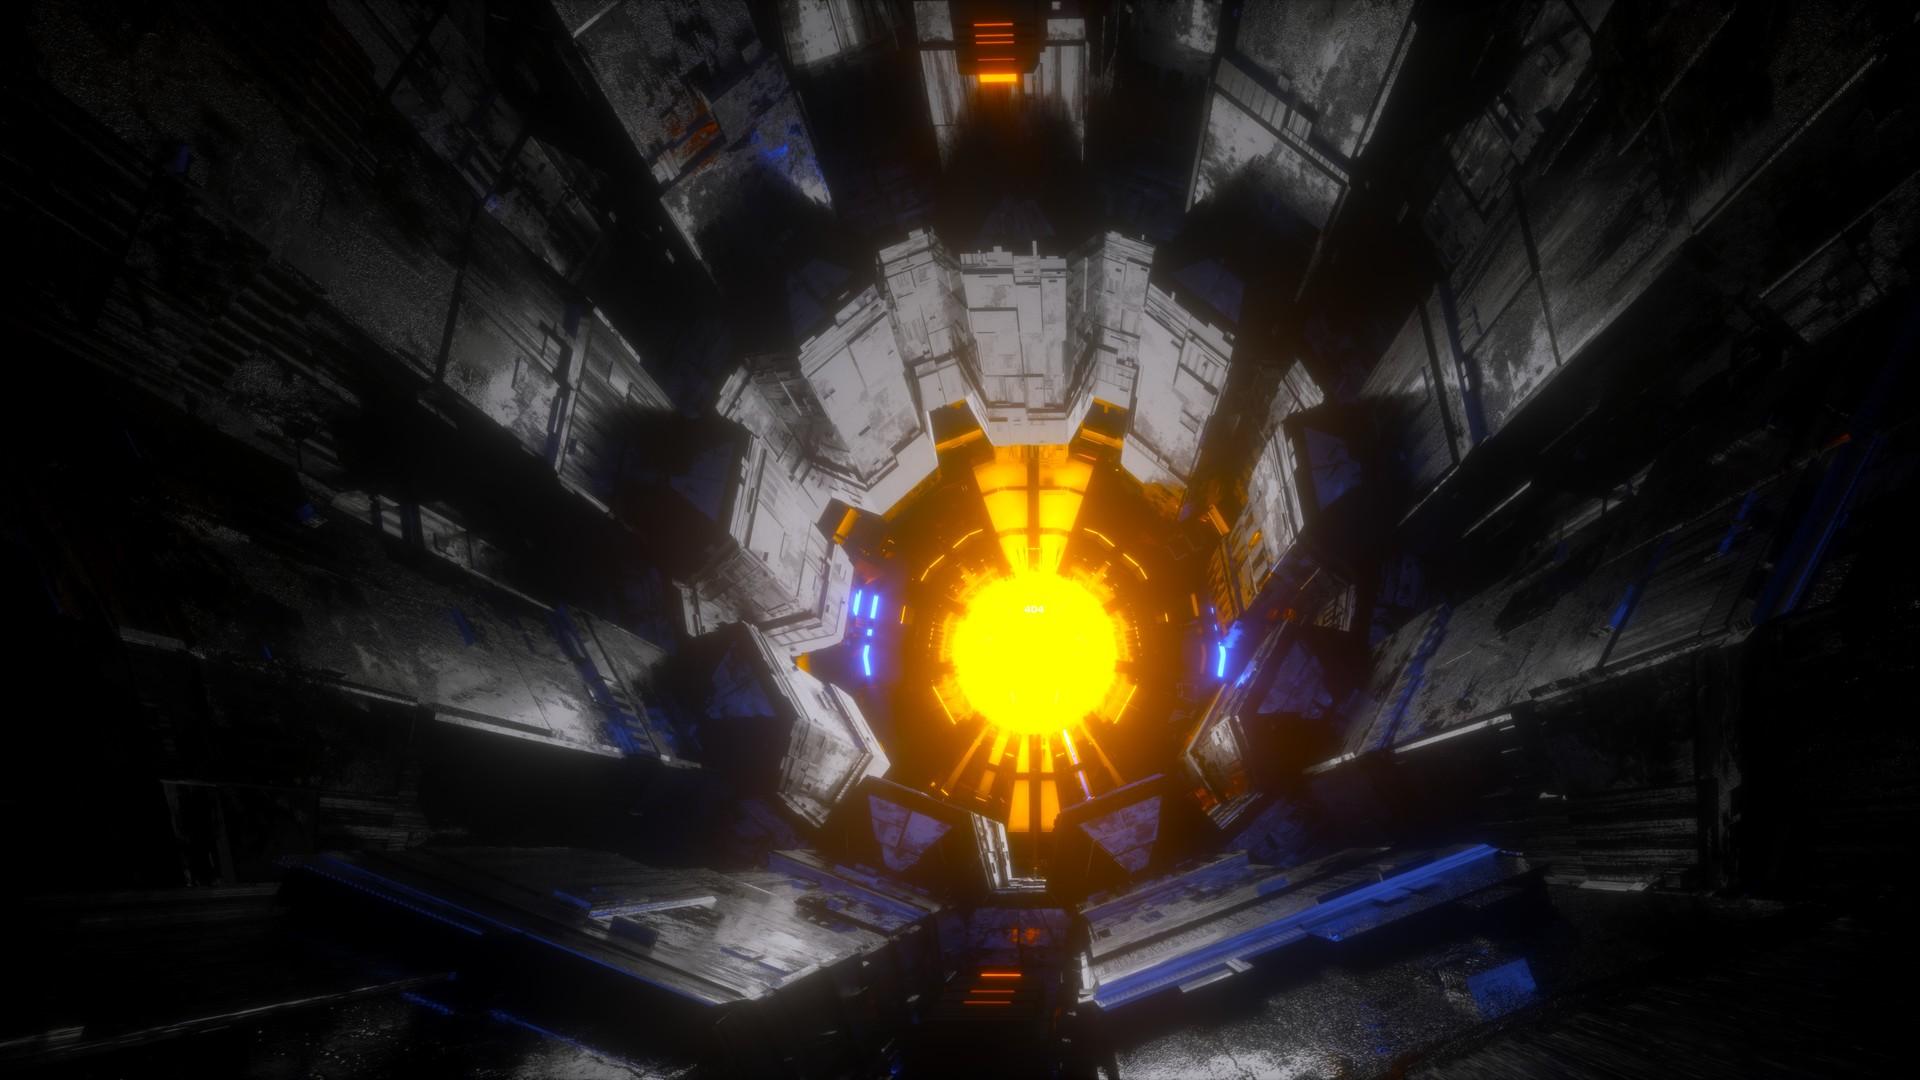 Kresimir jelusic robob3ar 420 061216 scifi tunnel 6